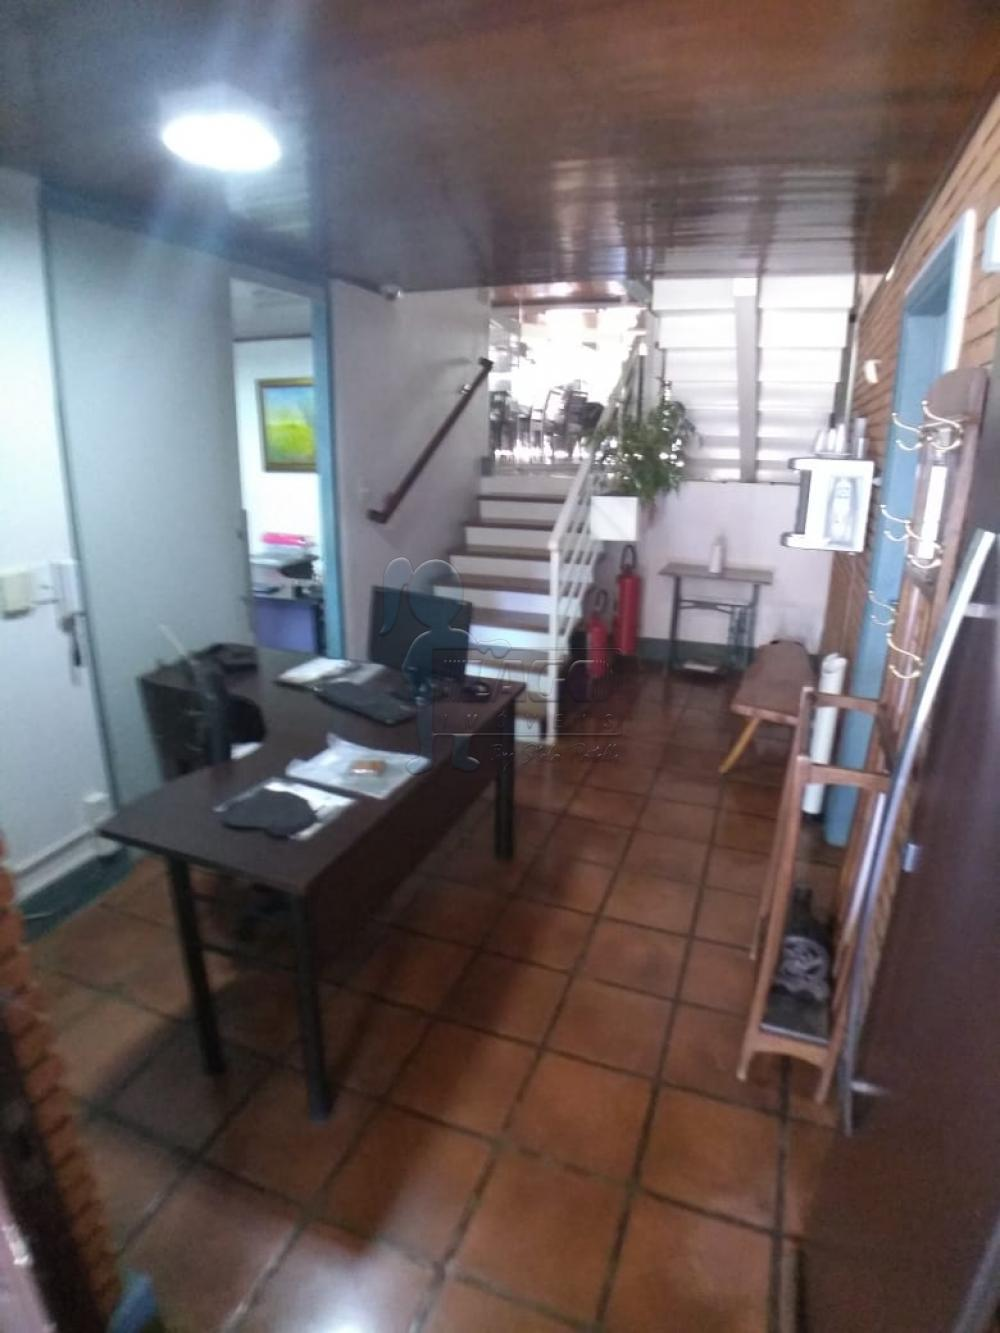 Alugar Comercial / Imóvel Comercial em Ribeirão Preto apenas R$ 4.500,00 - Foto 15